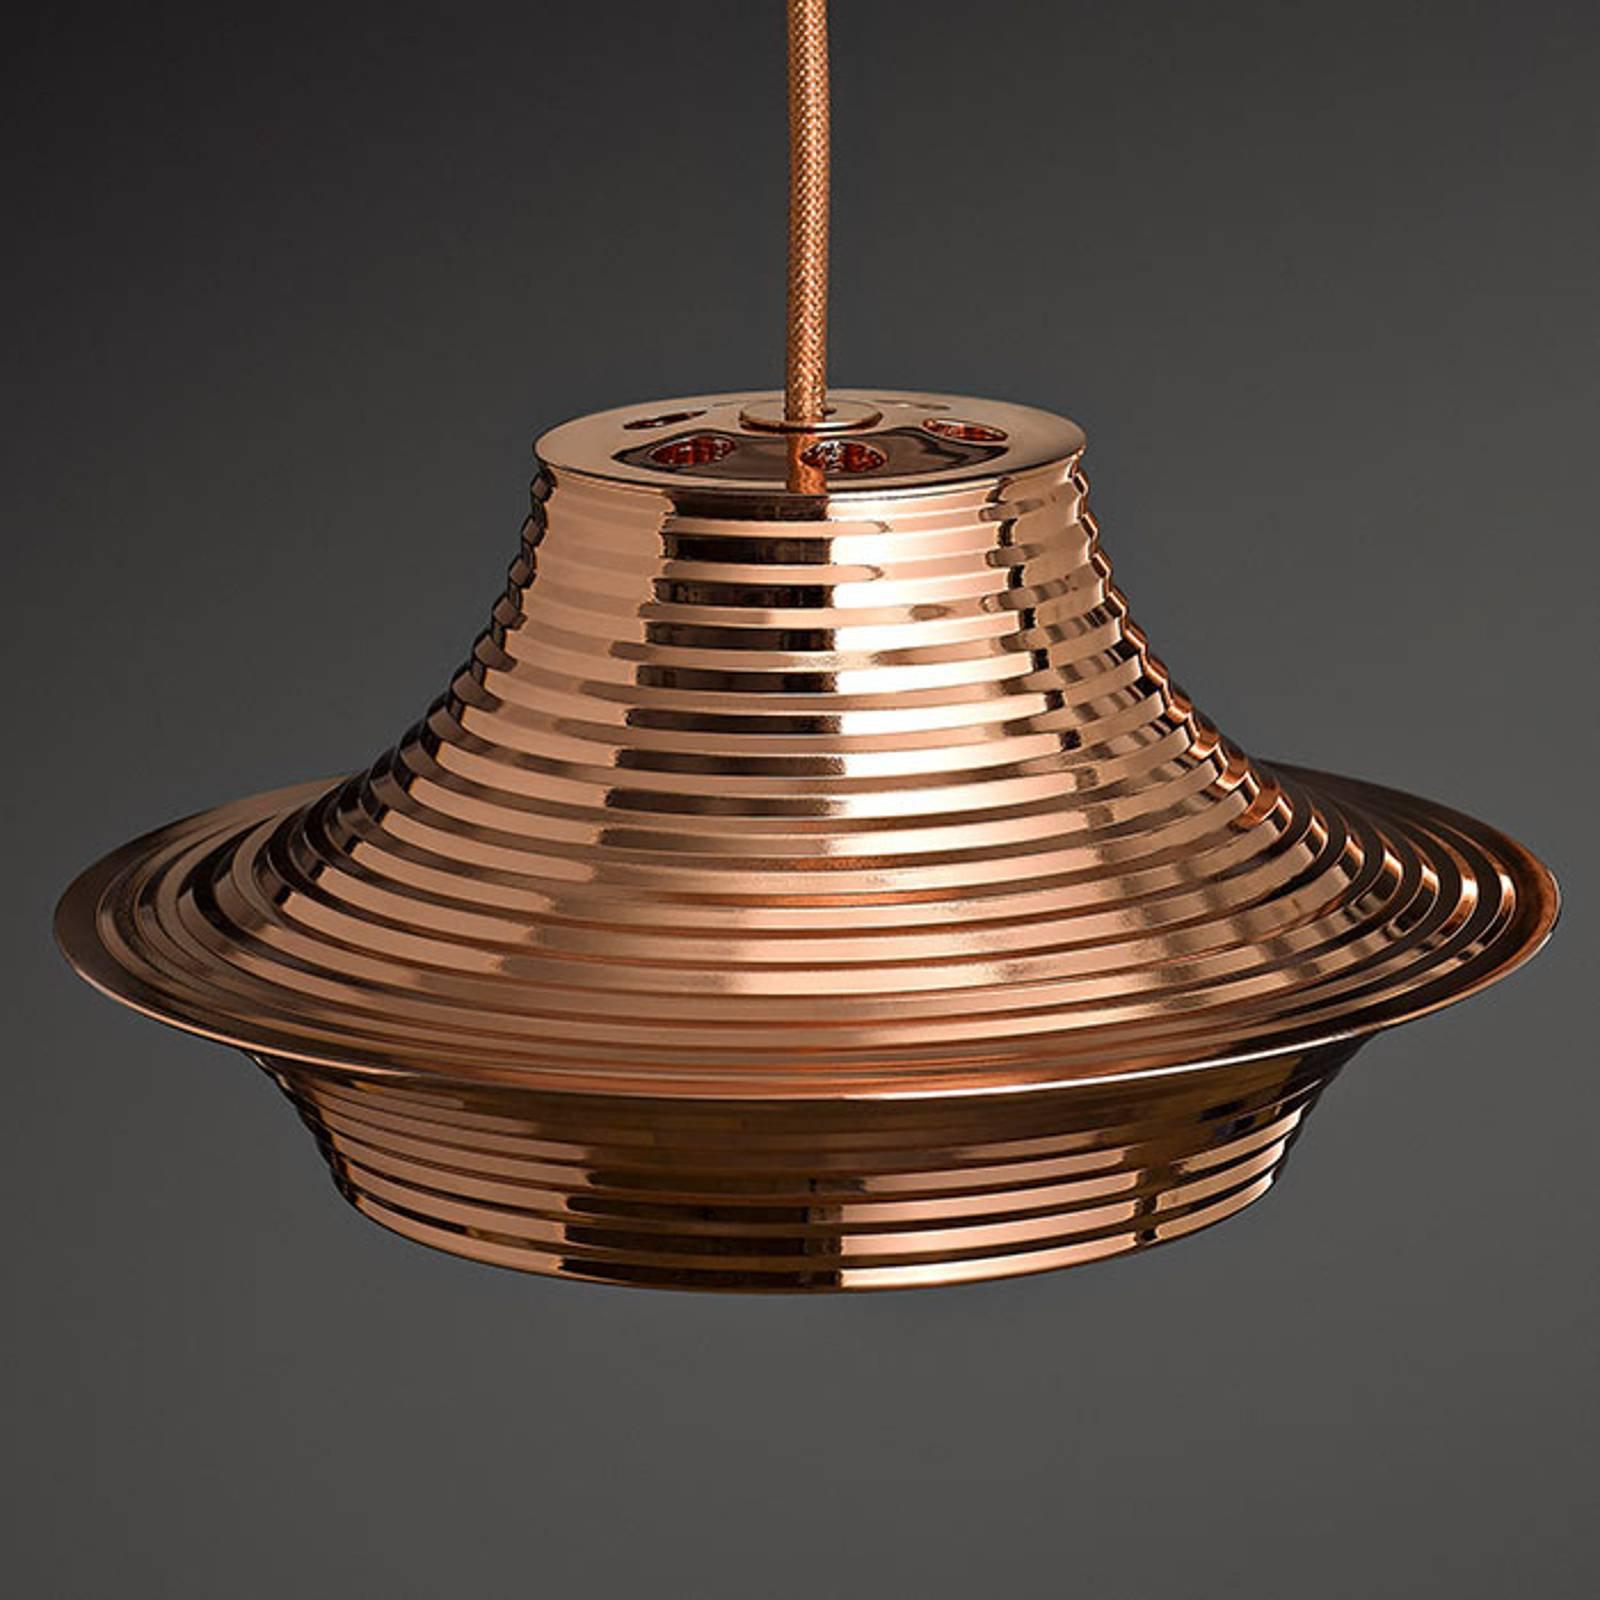 Bover Tibeta 03 - LED-hengelampe i kobber